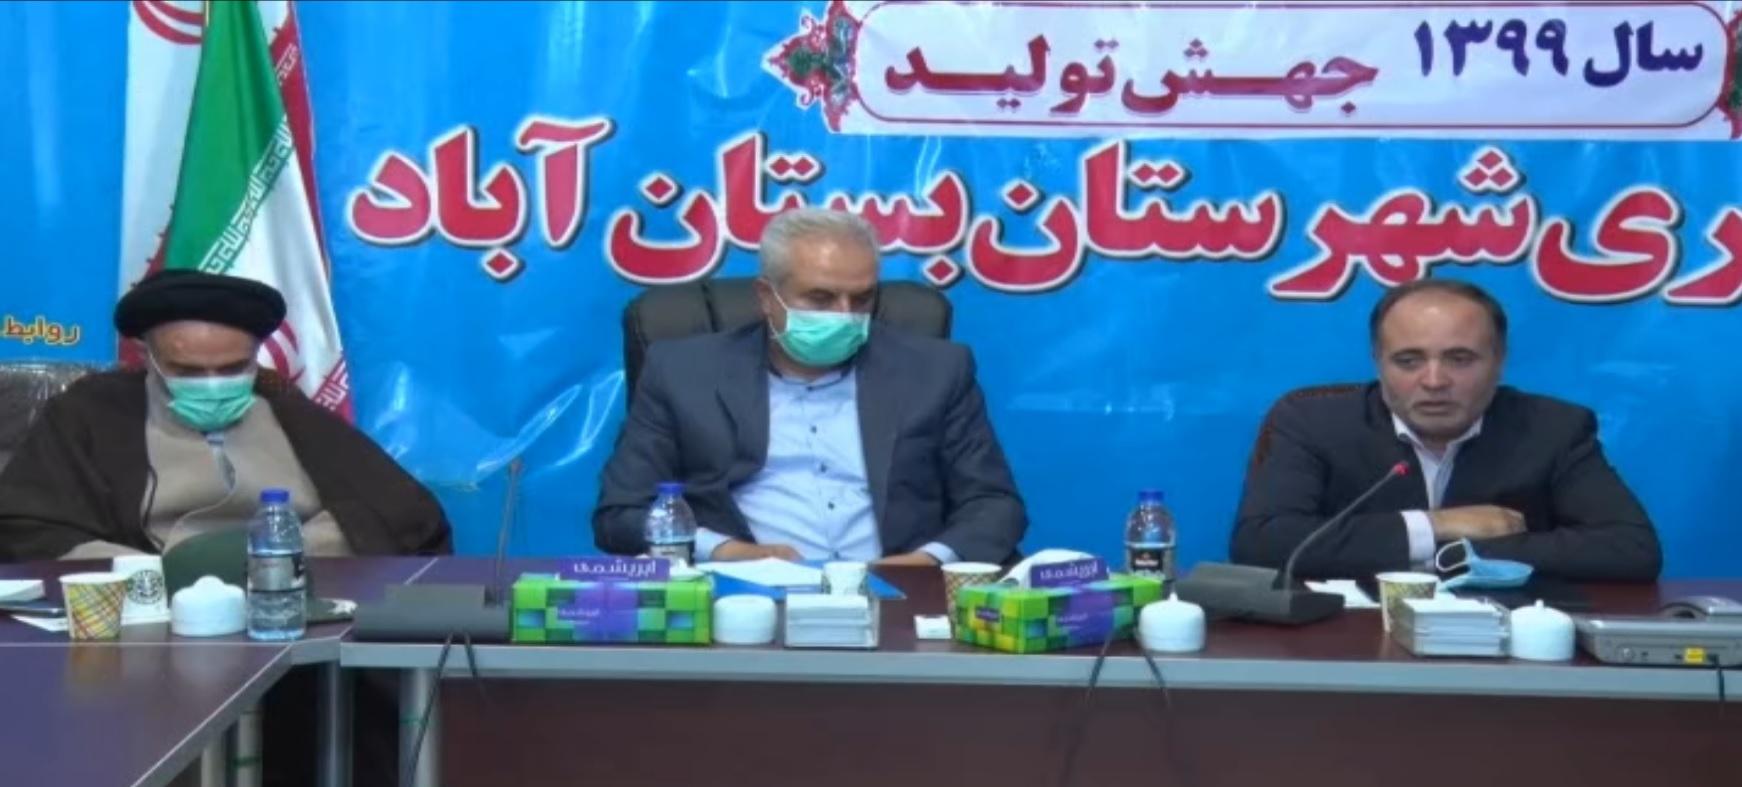 برگزاری جلسه شورای اداری شهرستان بستان آباد